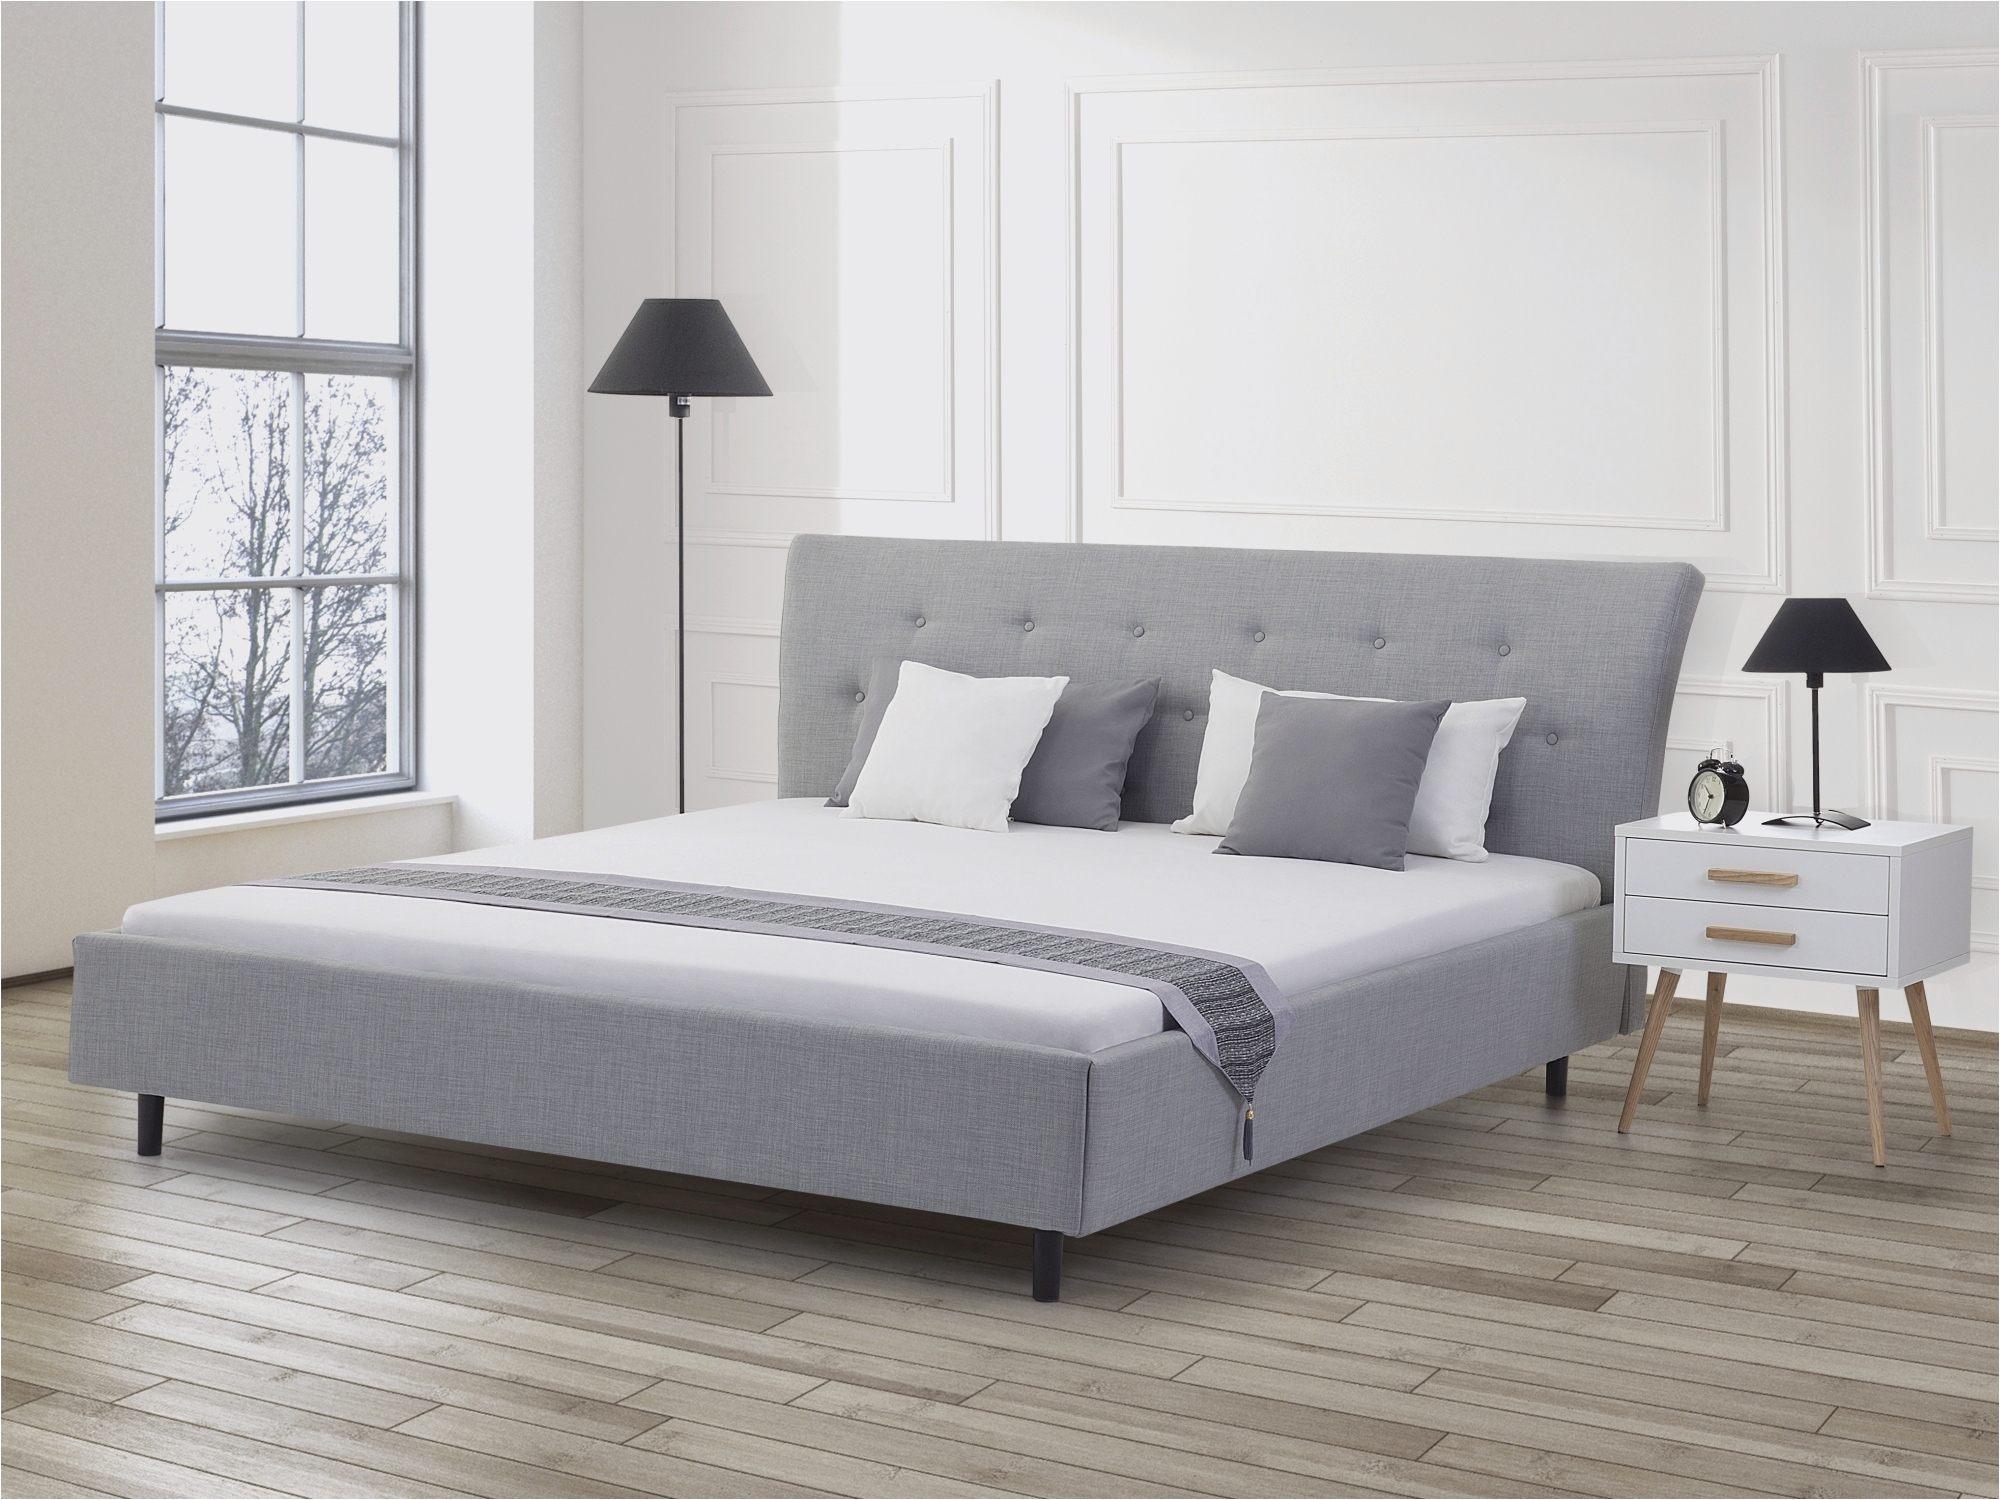 Lit 160×200 Avec sommier Bel Lit Moderne 160—200 Nouveau Admiré Lit 160—200 Avec sommier Design